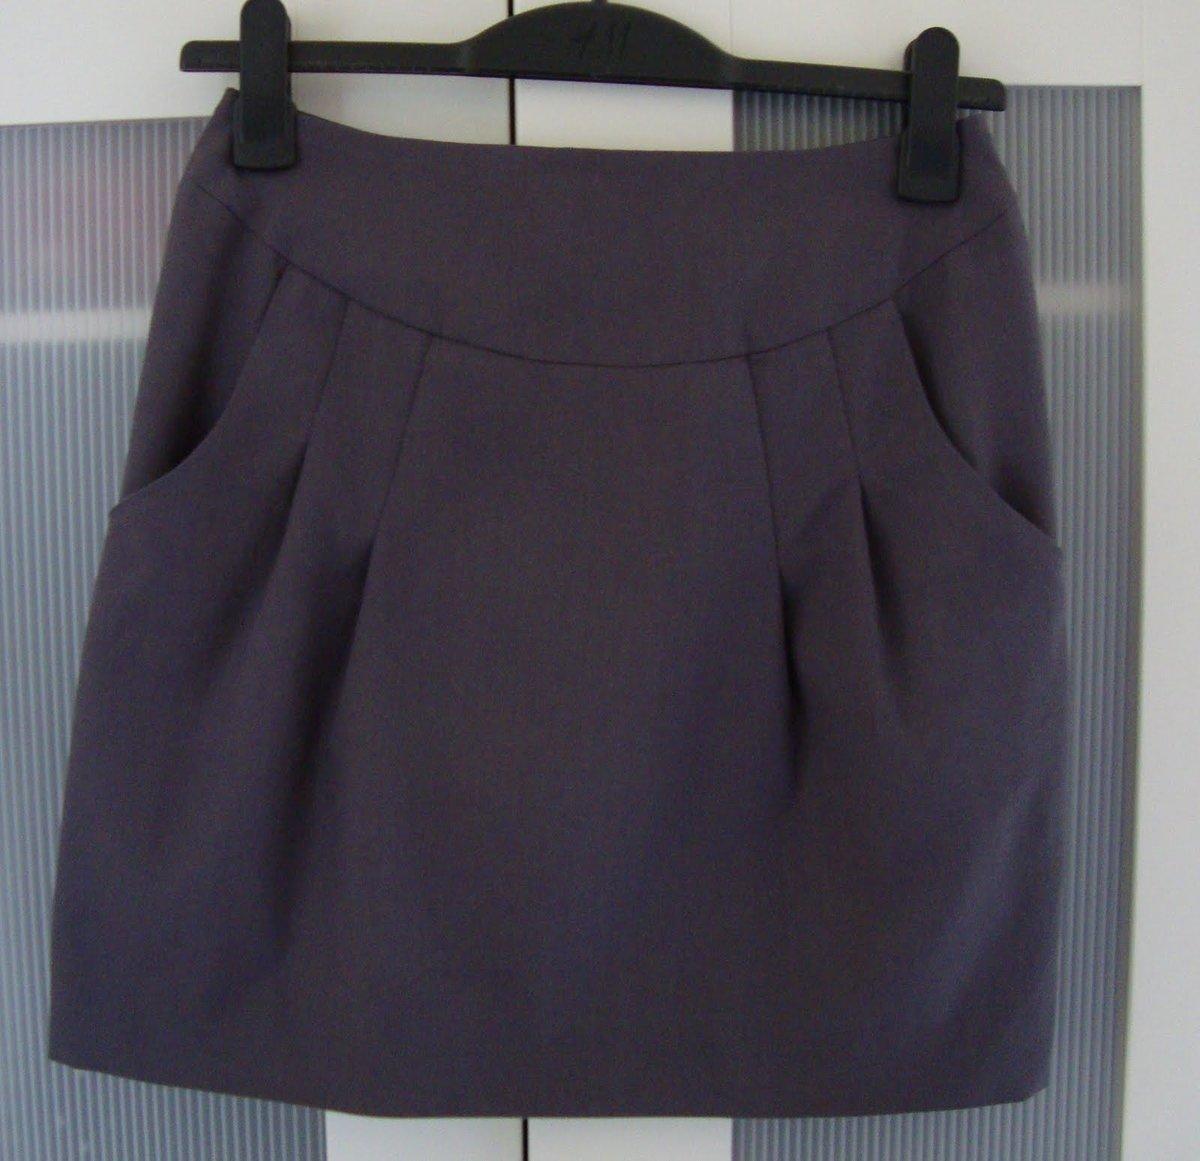 Шьем юбки своими руками. Длинная юбка или юбка-мини, юбка 30